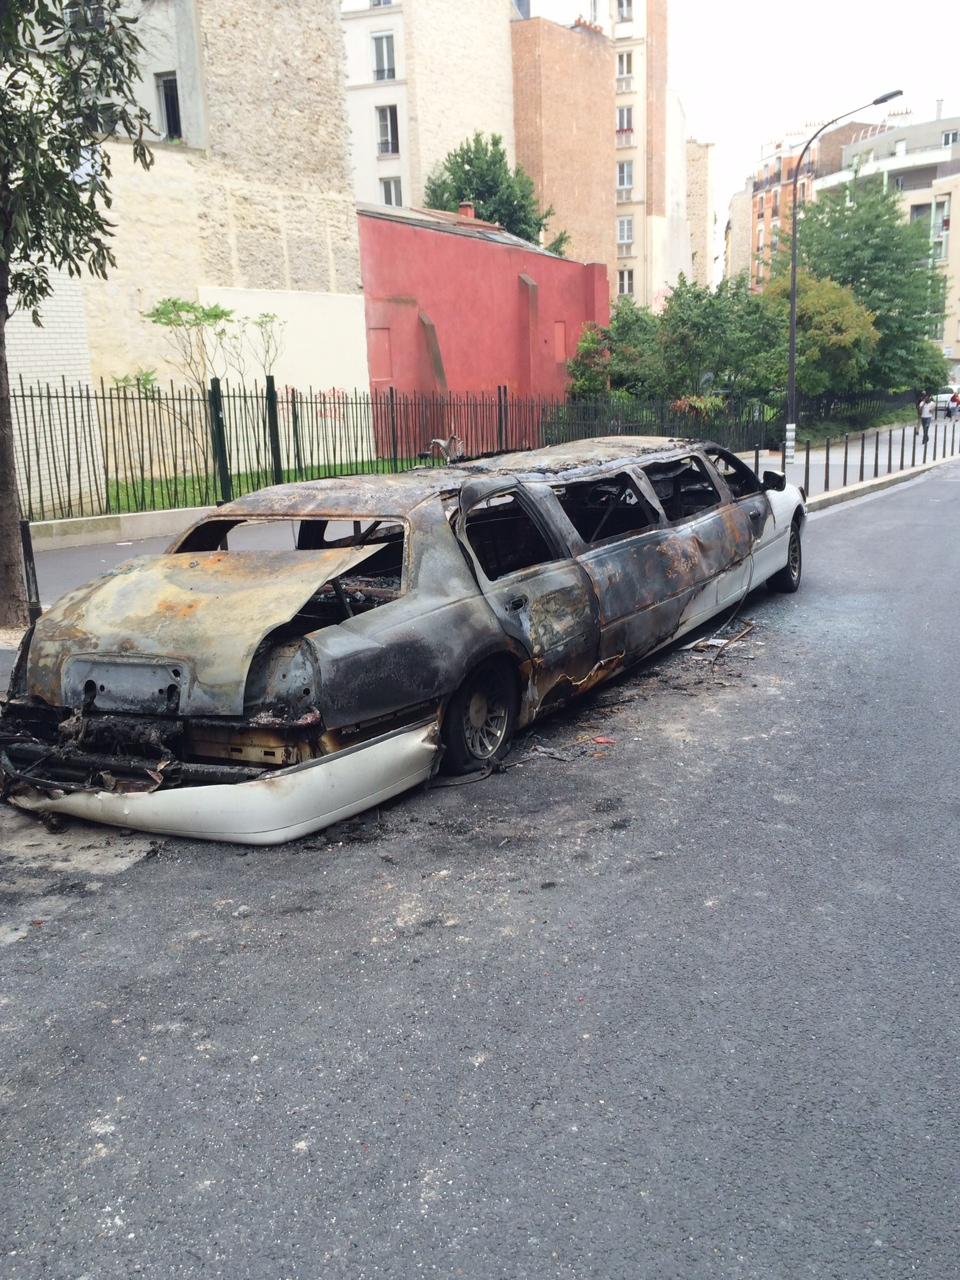 Burn limo